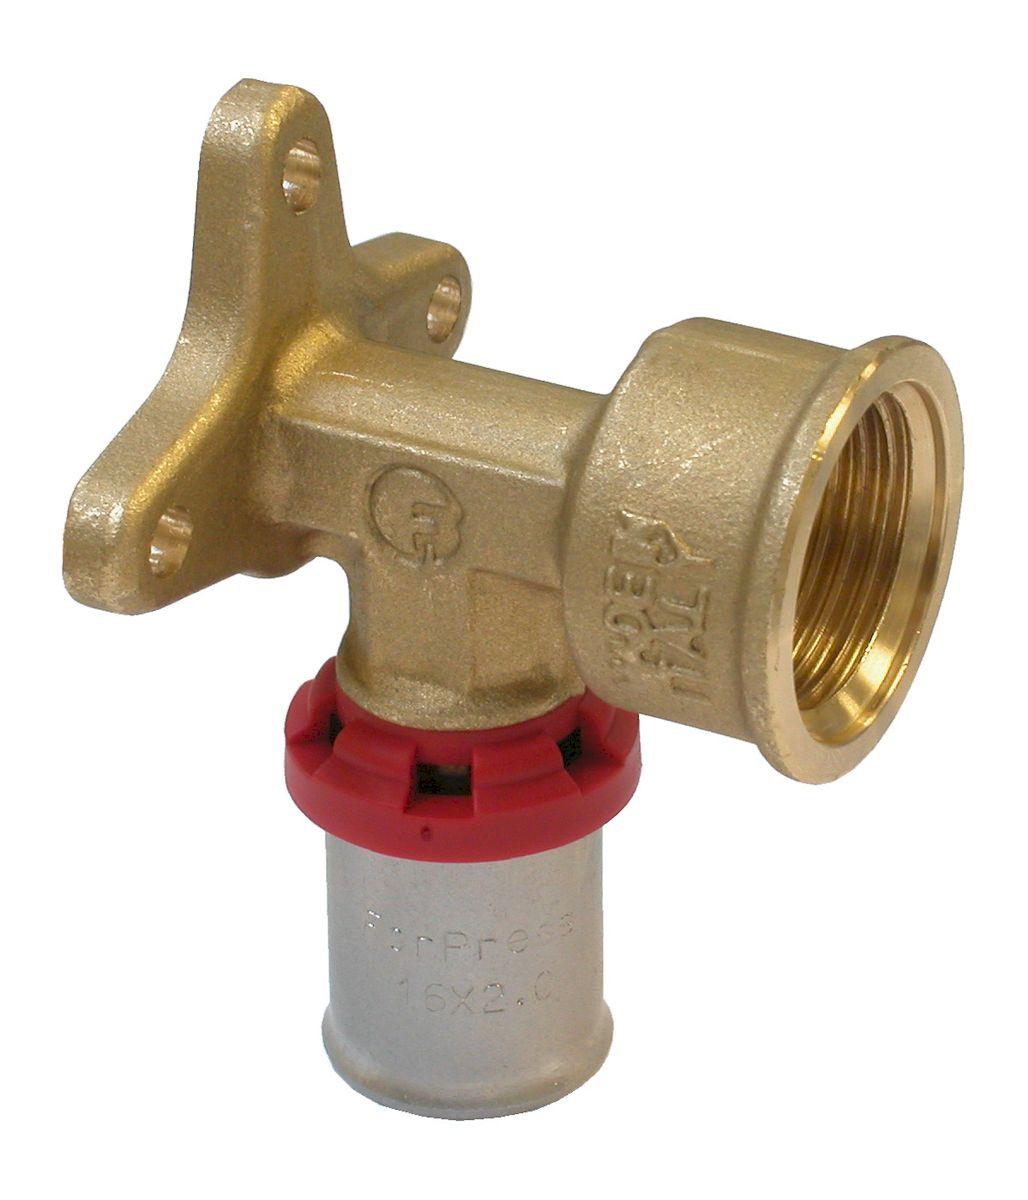 Уголок Fornara под пресс, п - в, 16 x 1/2B180D-16SAУголок Fornara предназначен для соединения металлопластиковых труб с помощью разводного ключа. Соединение получается разъемным, что позволяет при необходимости заменять уплотнительные кольца, а также производить обслуживание участка трубопровода.